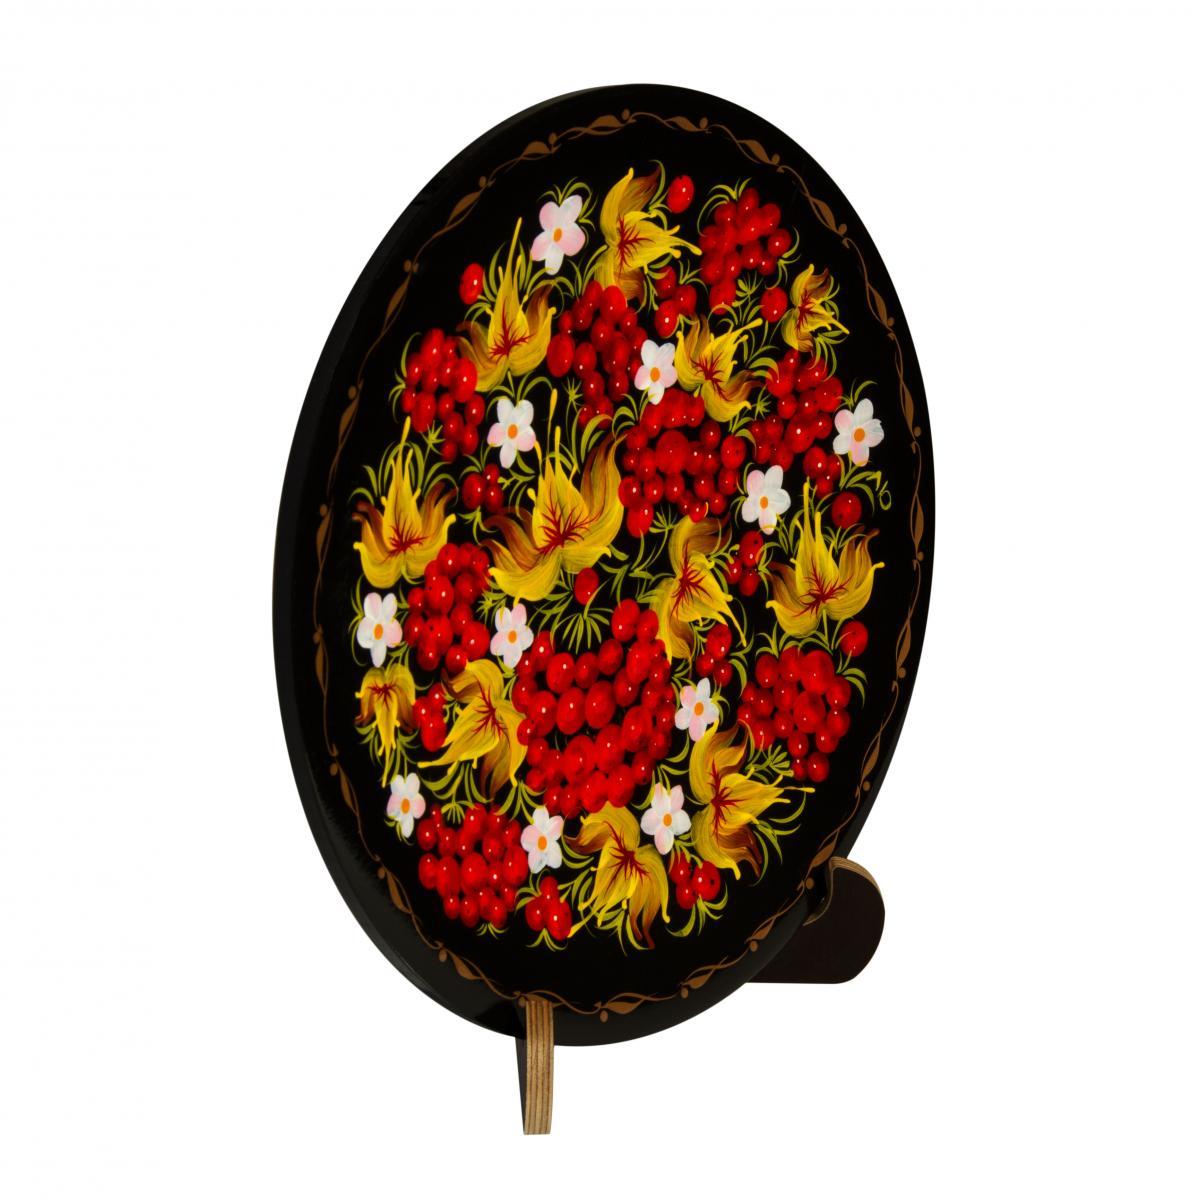 Деревянная декоративная тарелка с калиной. Фото №1.   Народный дом Украина